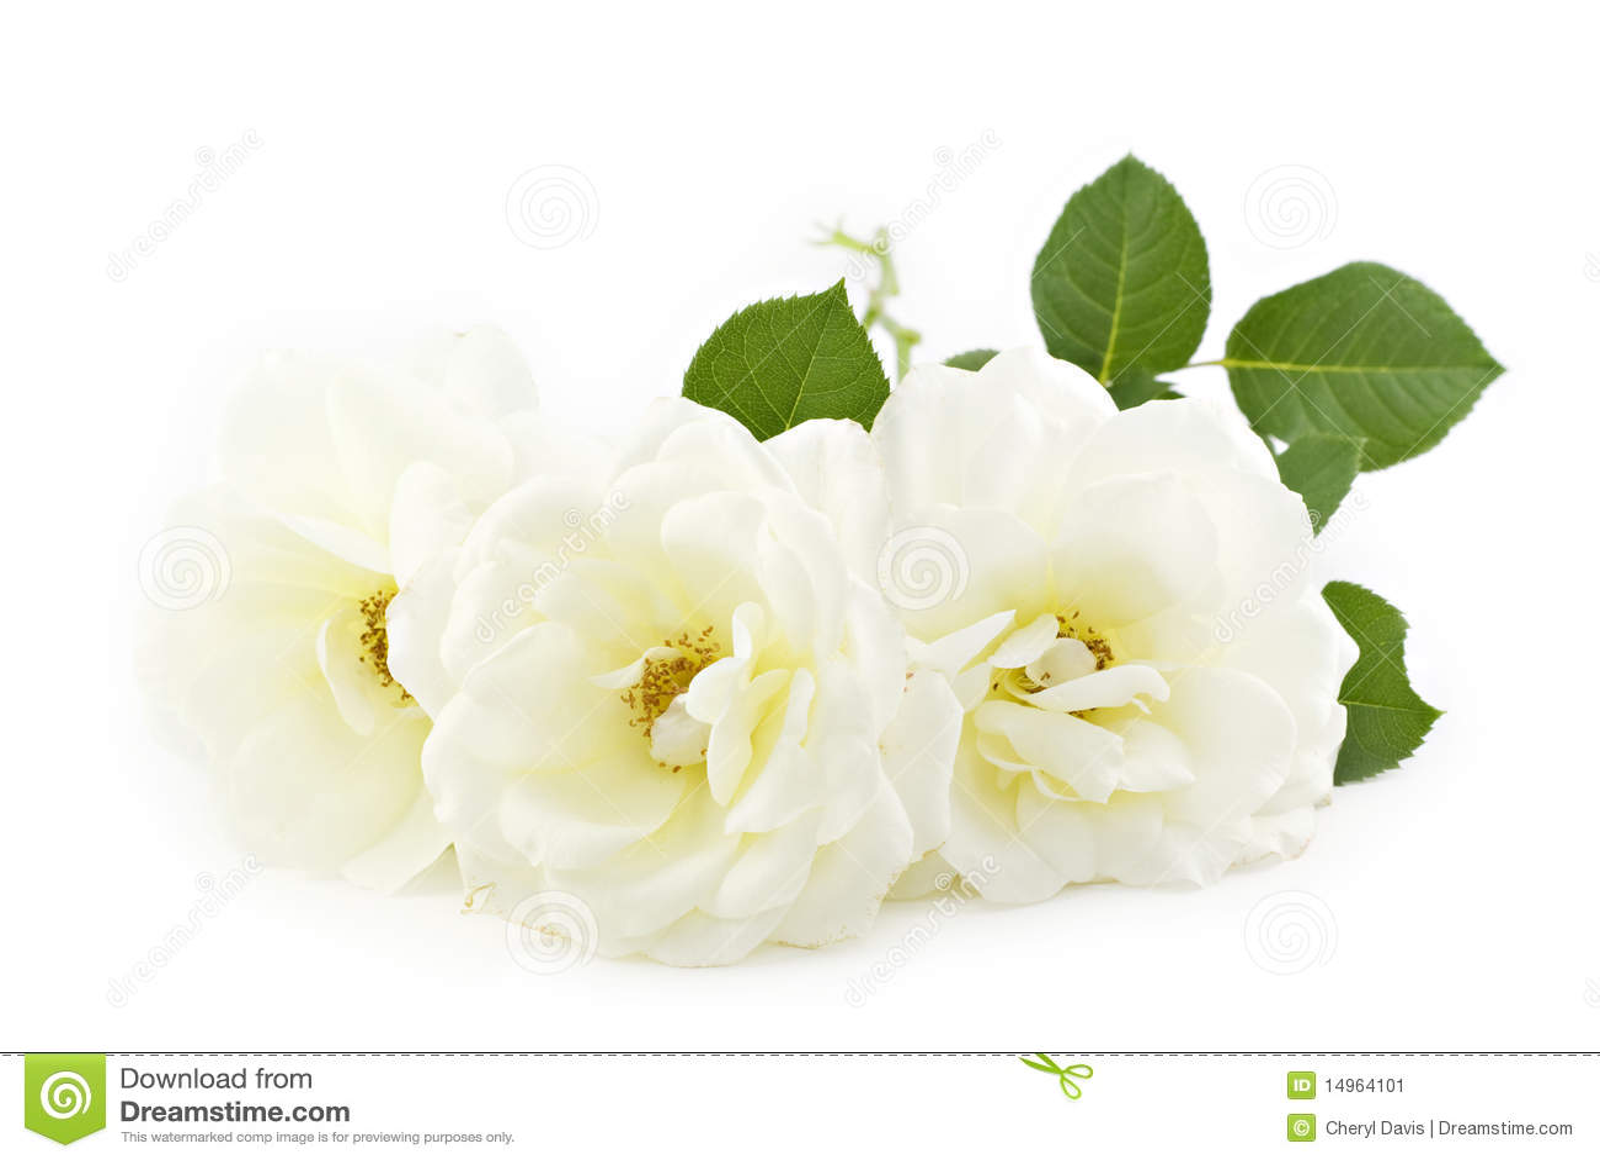 White Roses White Background Stock Image  Image 14964101